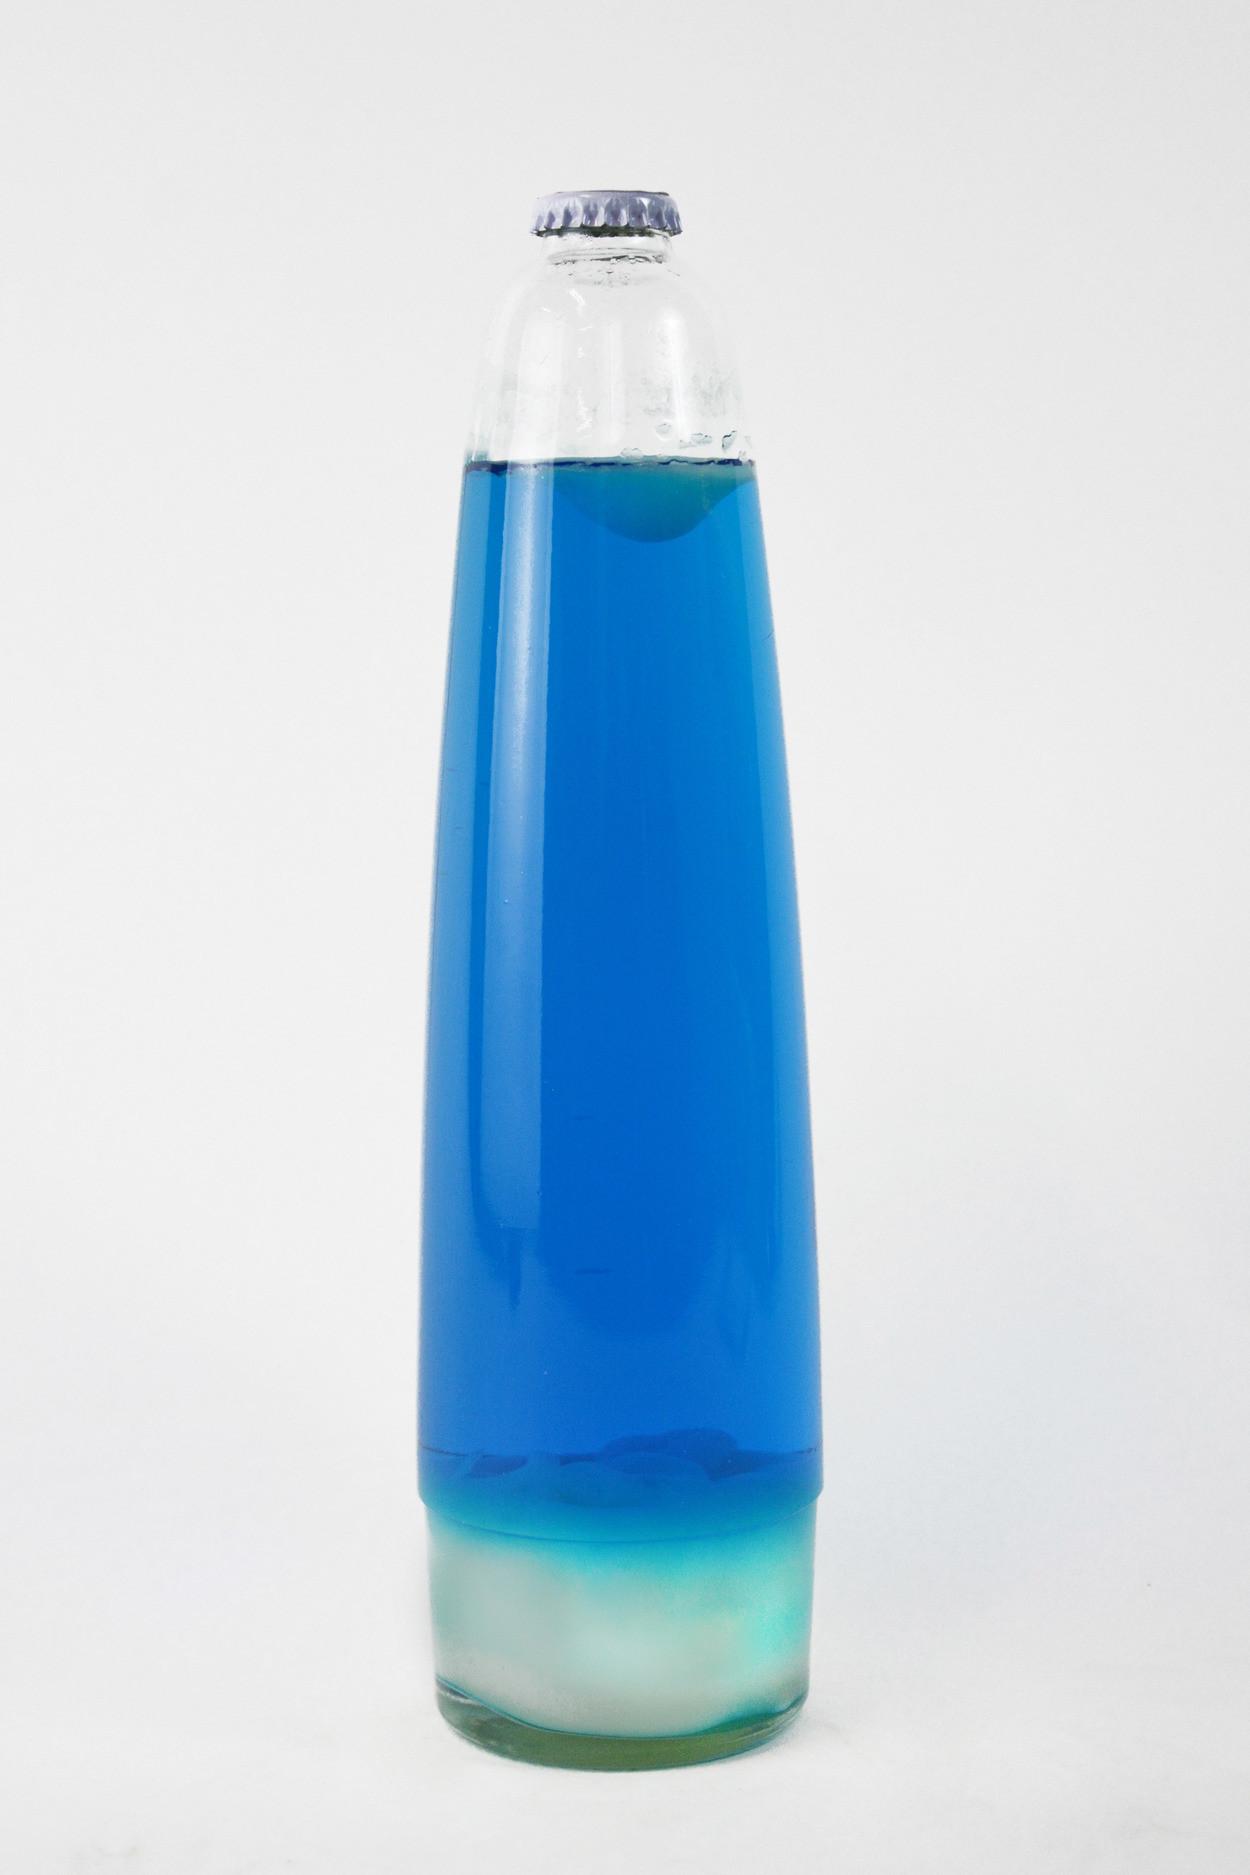 Колба Amperia для лава-лампы 48 см Белая/Синяя (31*8 см)